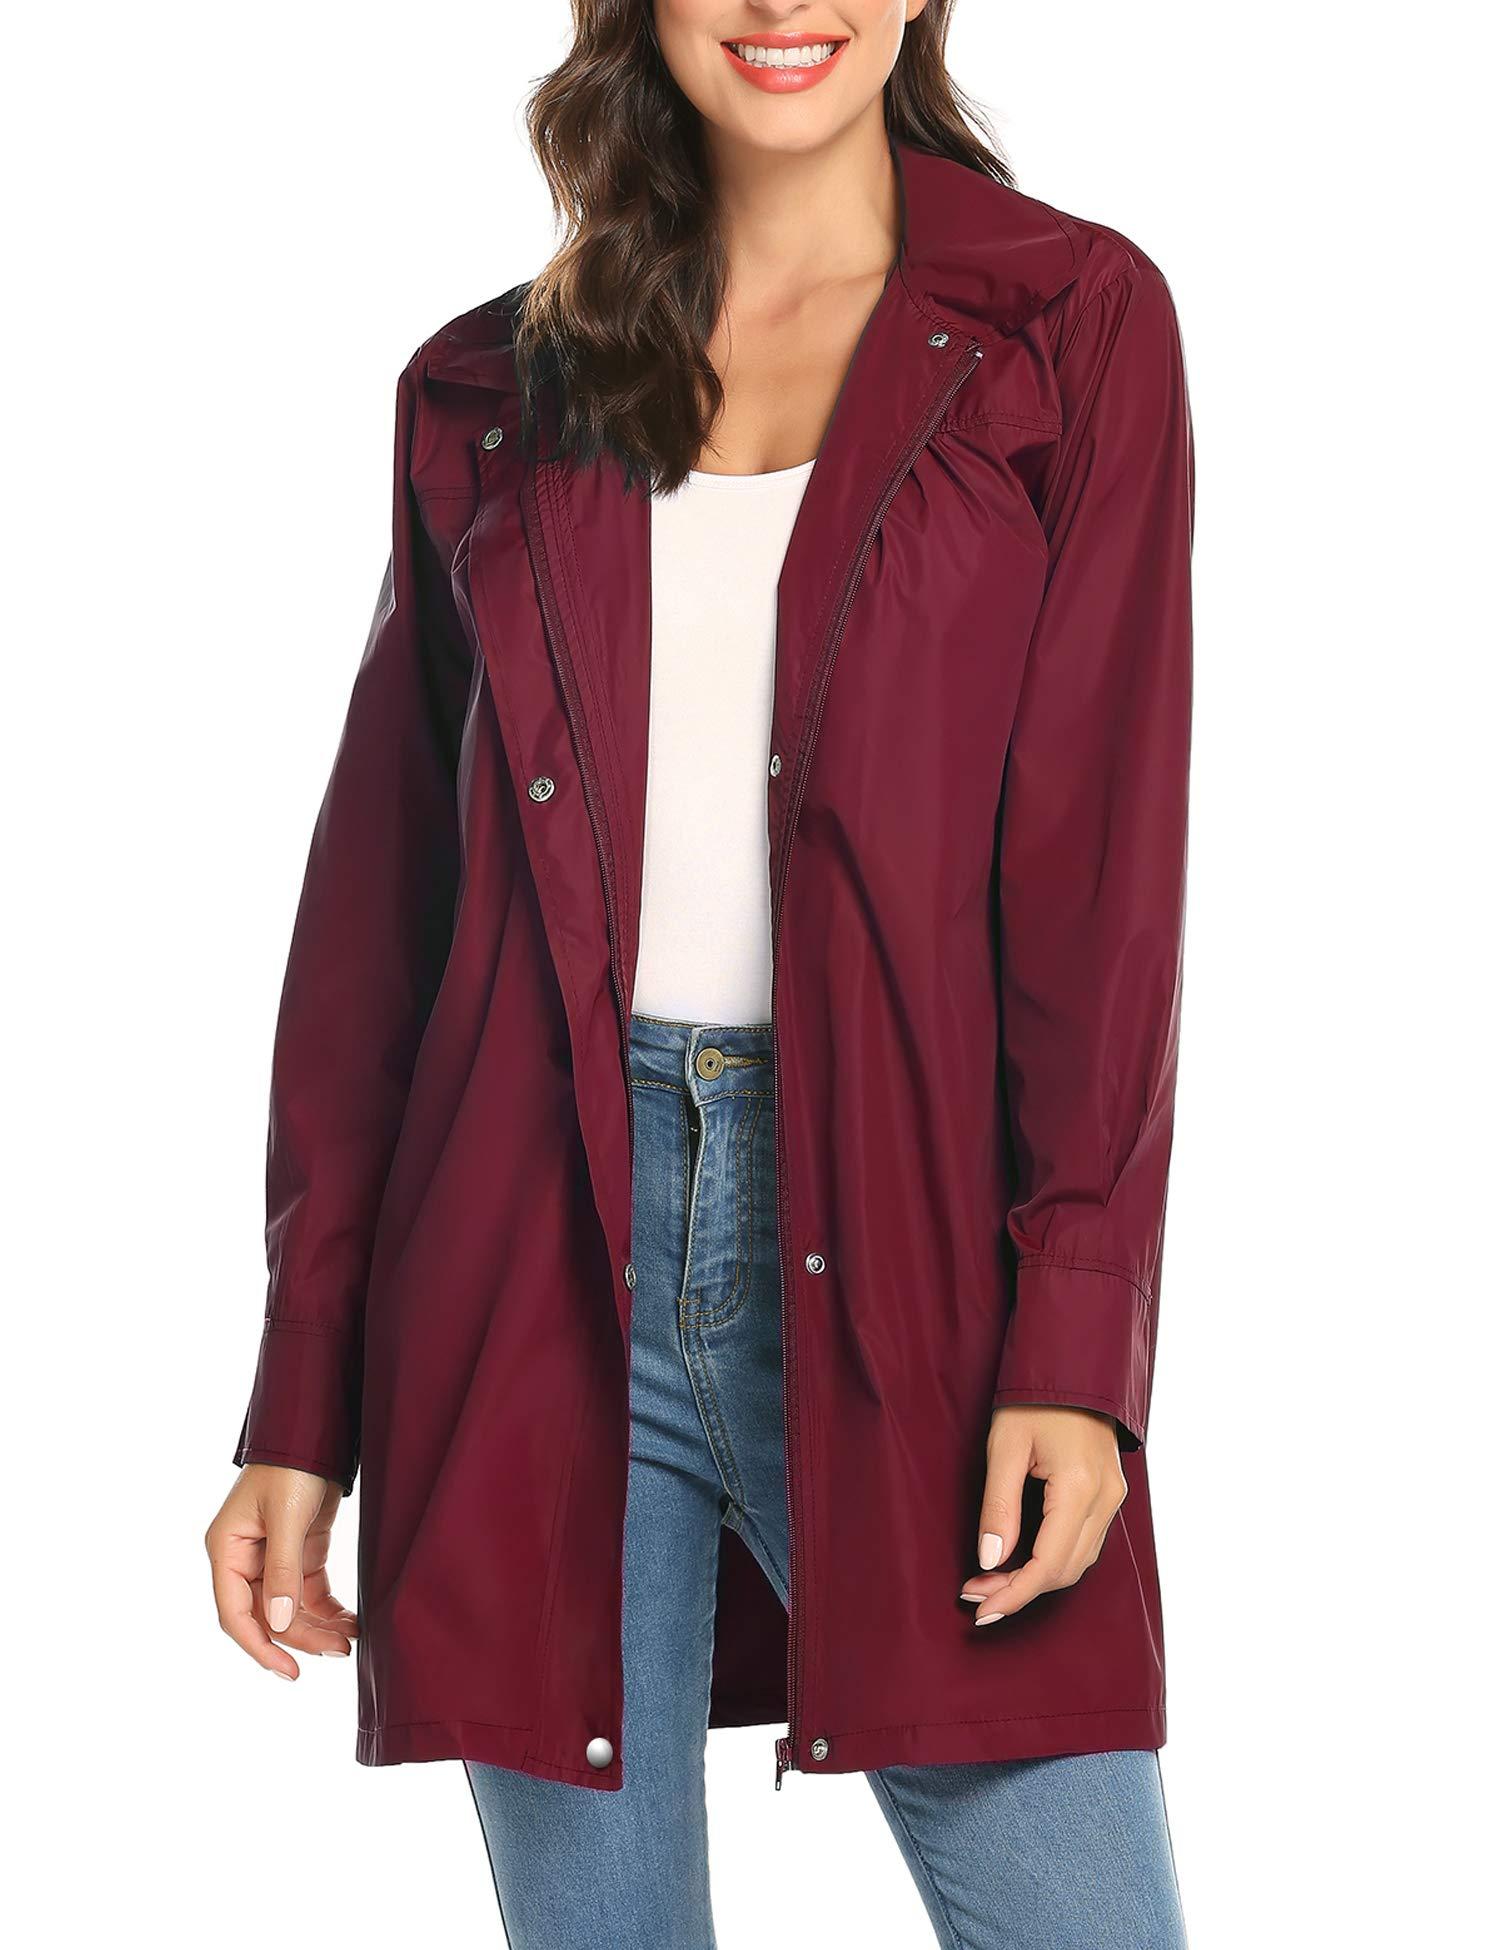 LOMON Women's Raincoat Lightweight Waterproof Outdoor Hooded Long Rain Jacket Windbreaker